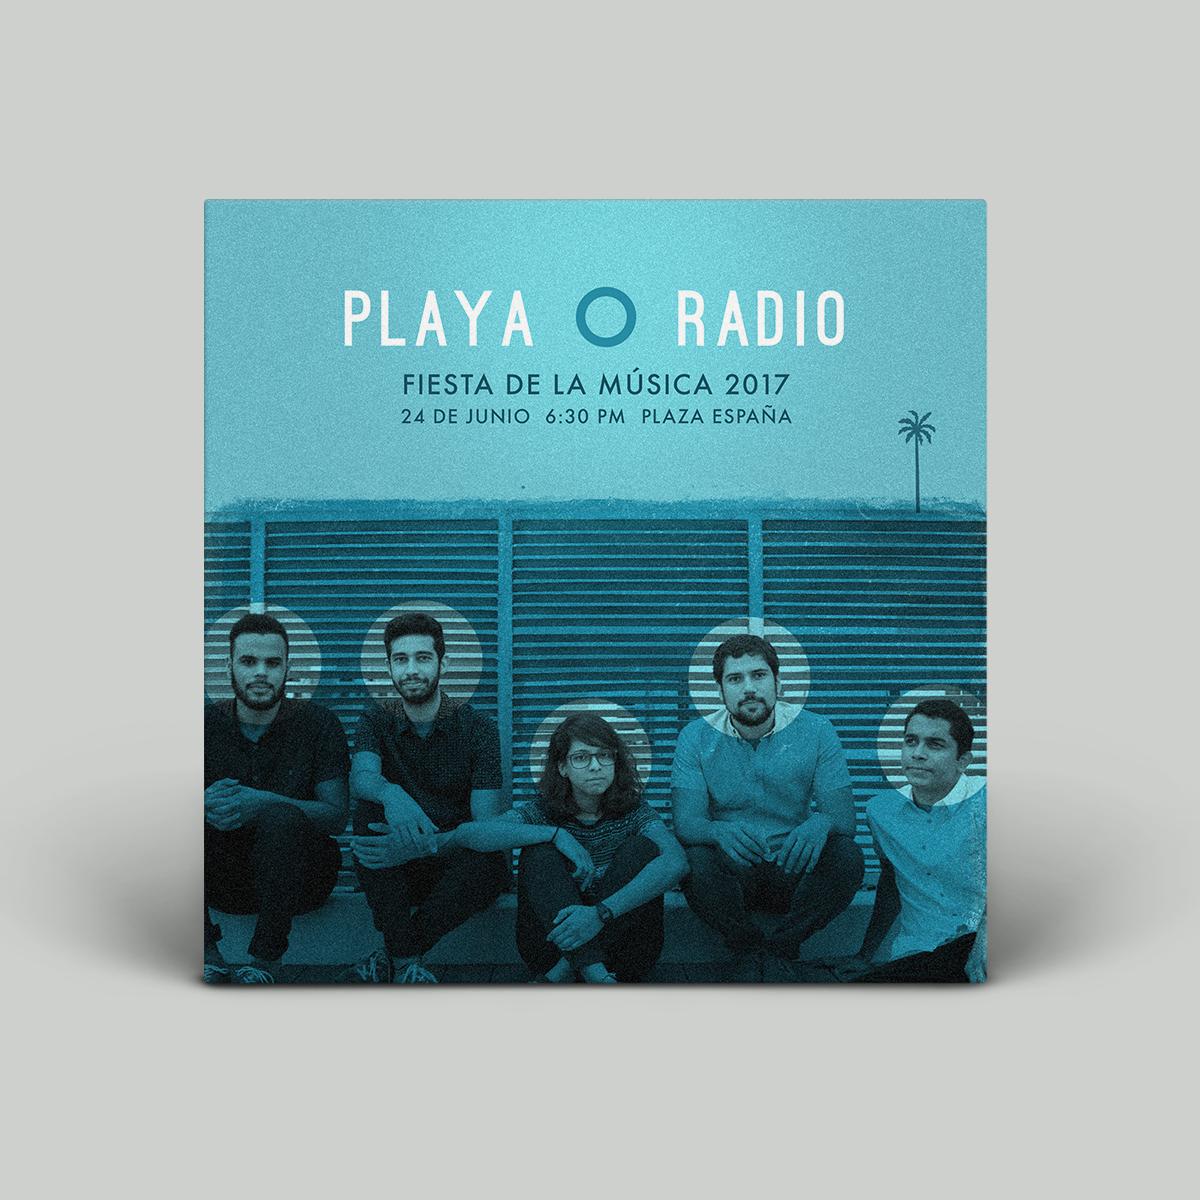 Flyer for Playa o Radio Concert in La Fete de la Musique